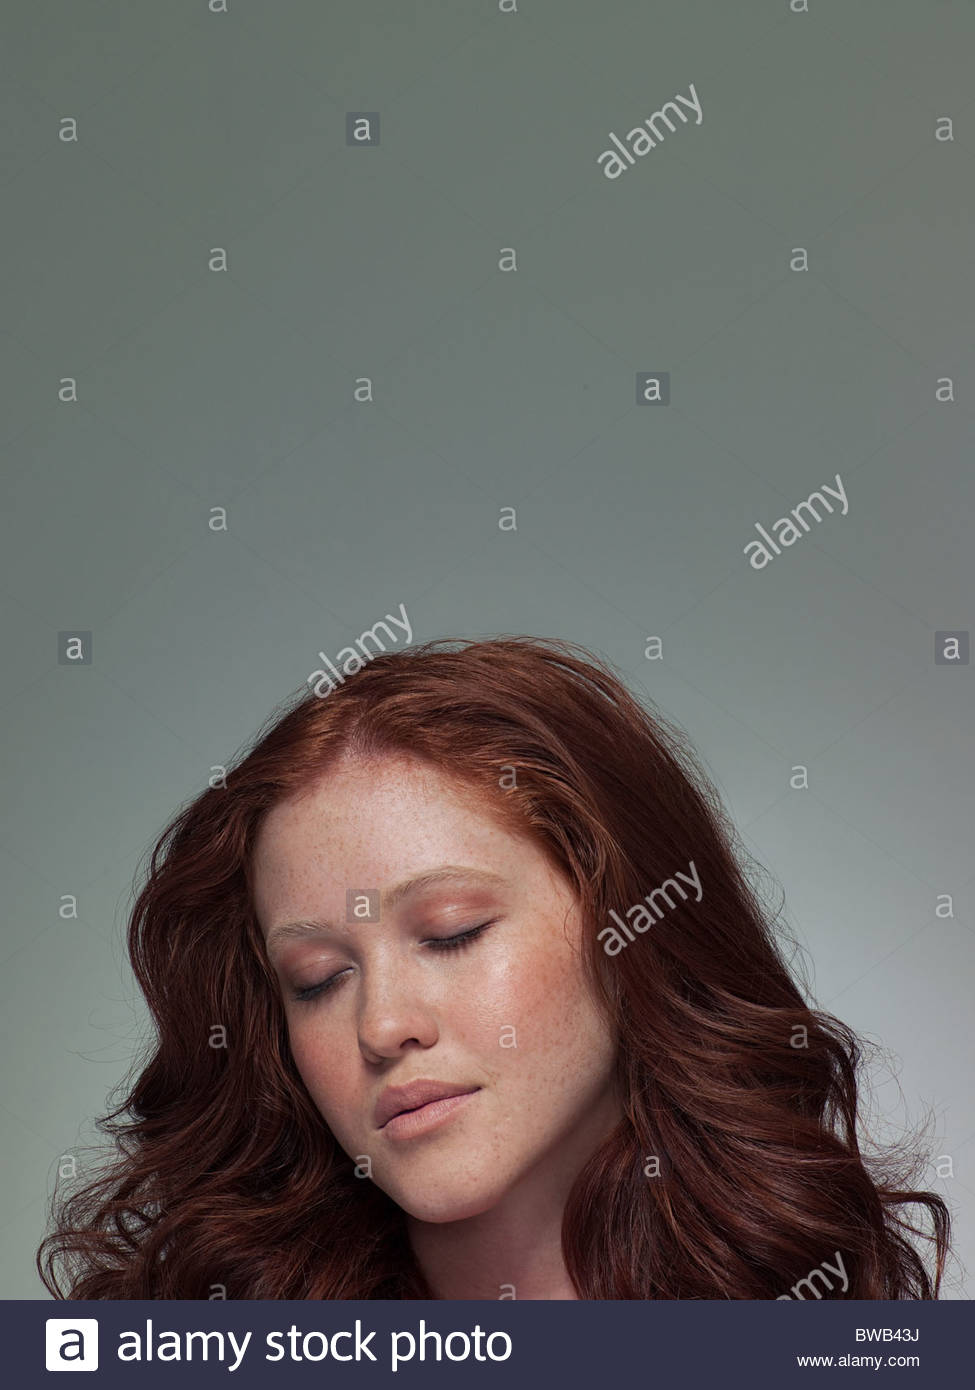 Disparo a la cabeza de mujer joven con los ojos cerrados, Retrato Imagen De Stock